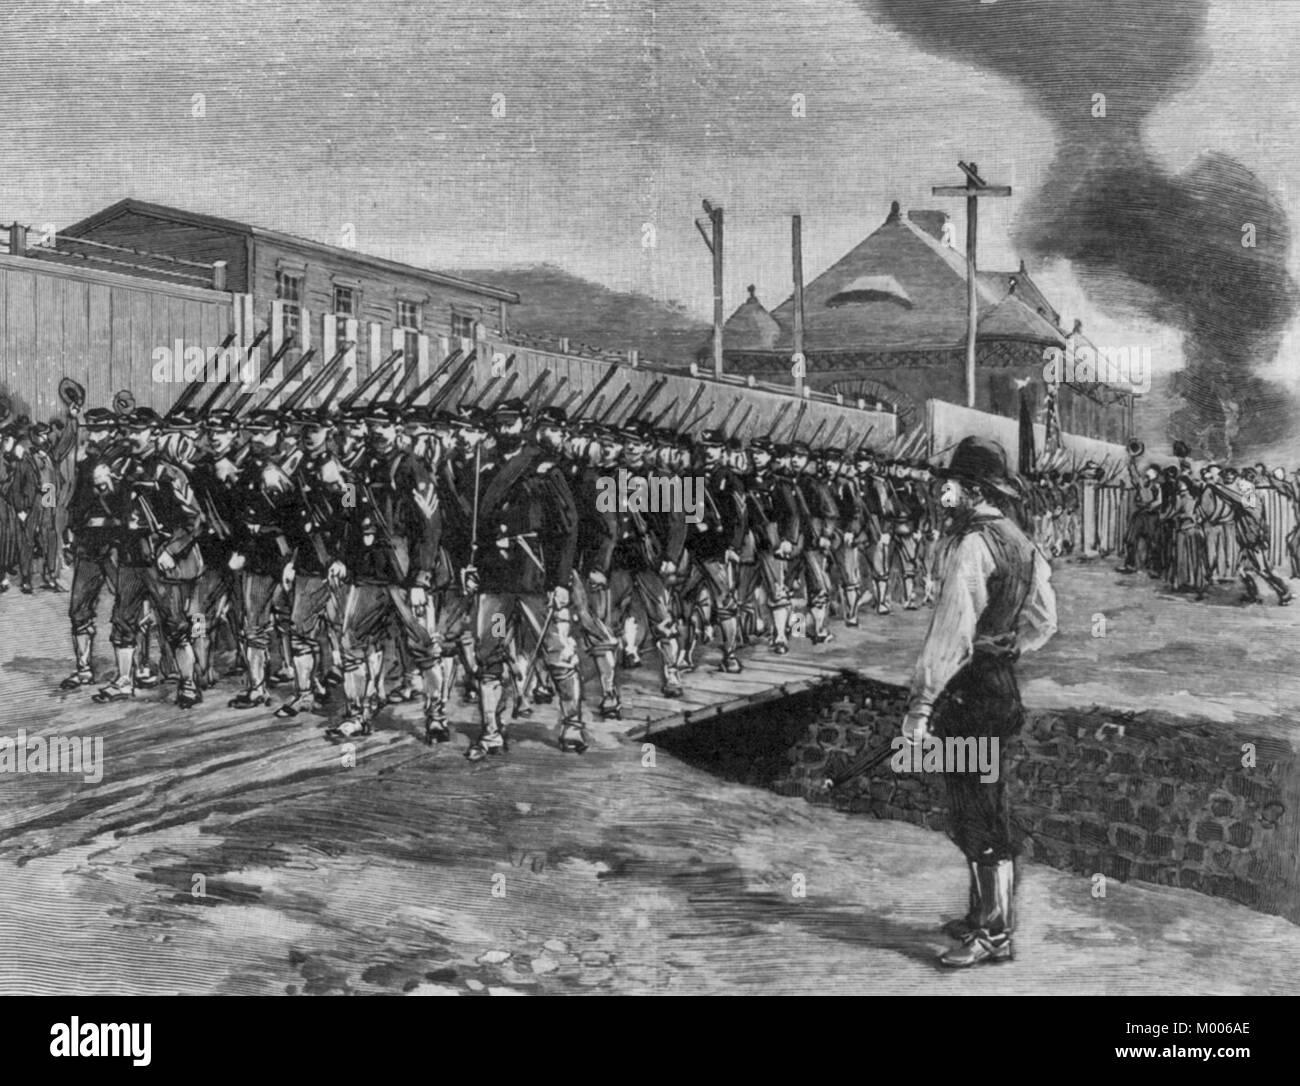 Die ersten Truppen in Homestead. 18 Regiment, das Amt und die Werke des Carnegie Firma, 12. Juli 1892 Stockbild